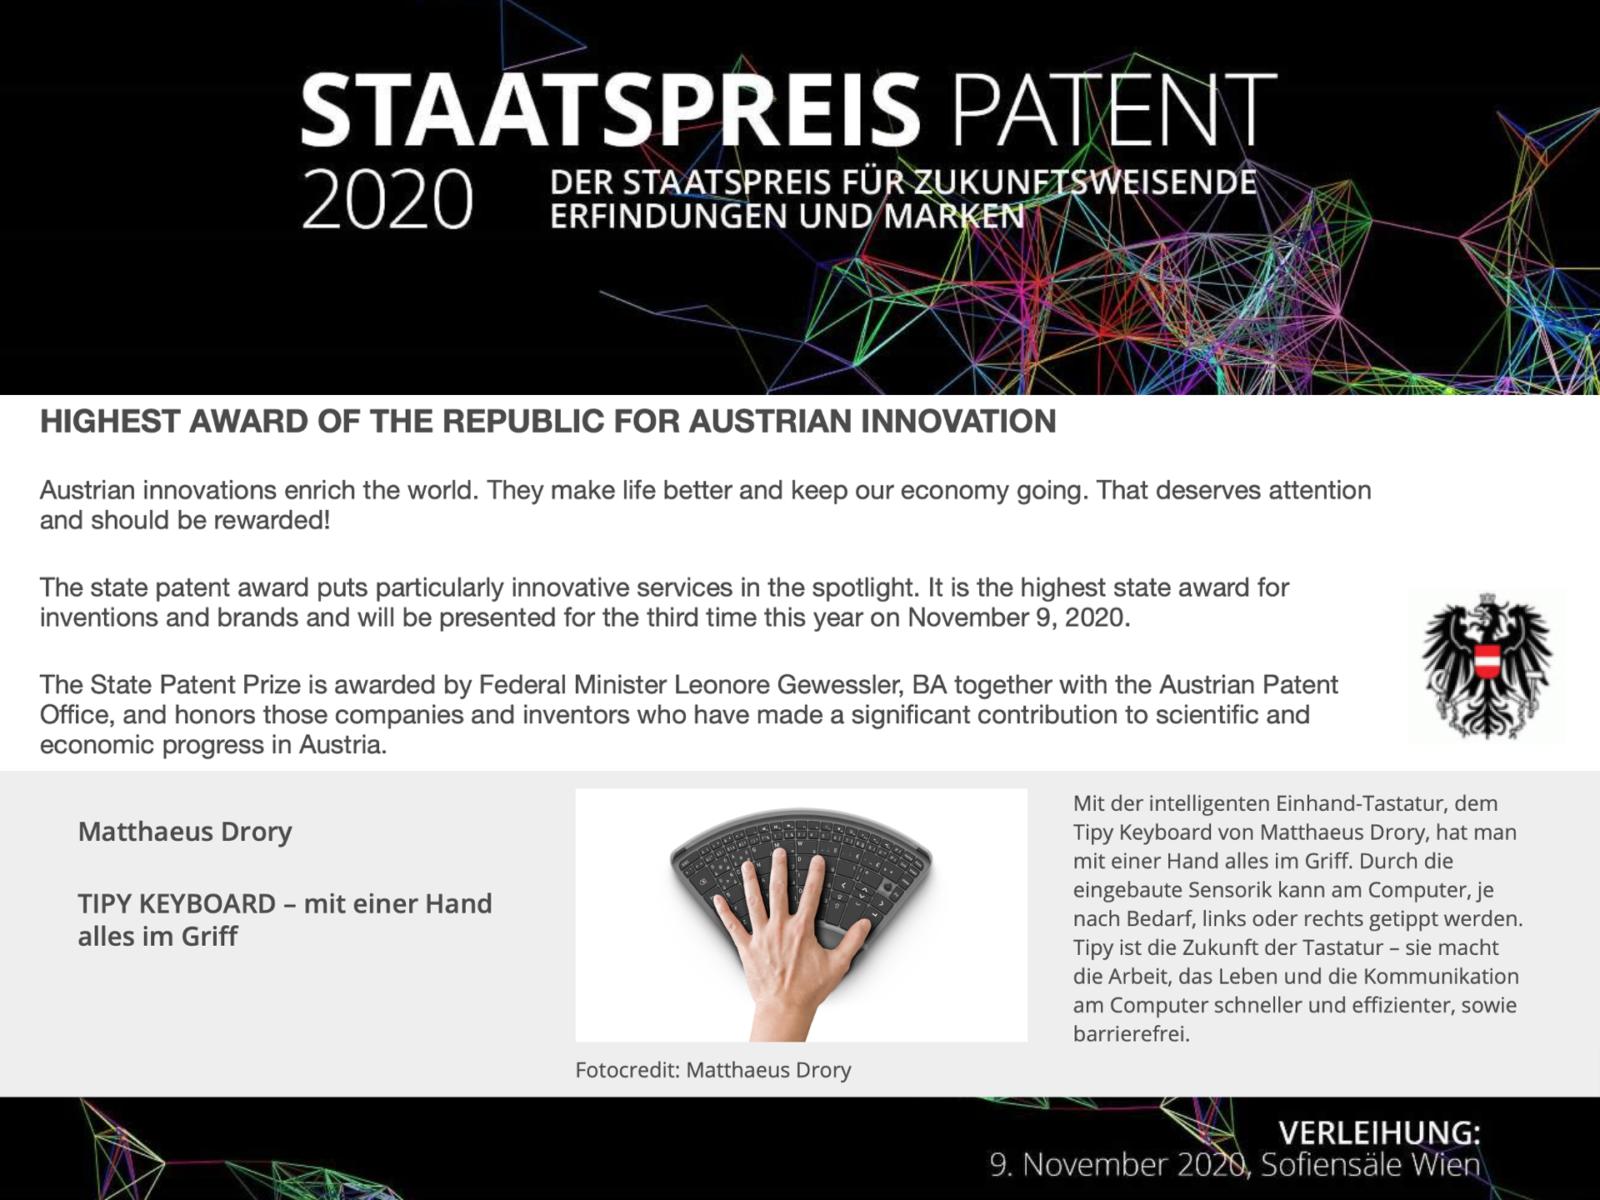 Austrian, State, Patent, Prize, 2020, Österreich, Staatspreis, Patent, Tipy, Keyboard, Tastatur, Einhand, Einhandtastatur, Hand, One, Computer, Barrierefrei, disabled, one handed keyboard,